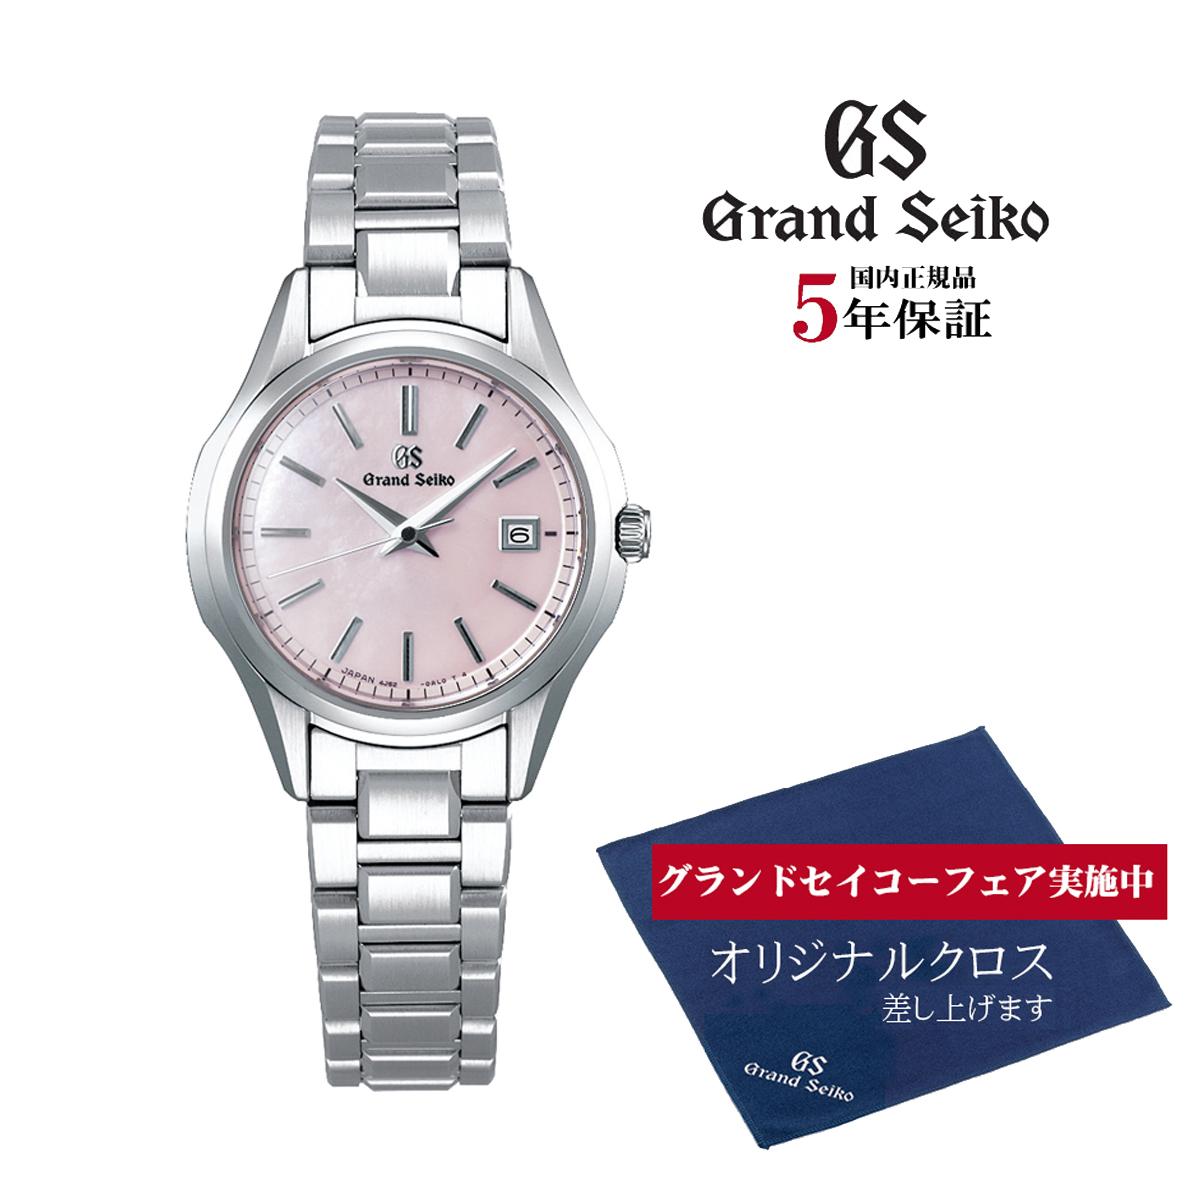 グランドセイコー Grand Seiko 正規メーカー保証3年 STGF285 クォーツモデル 正規品 腕時計